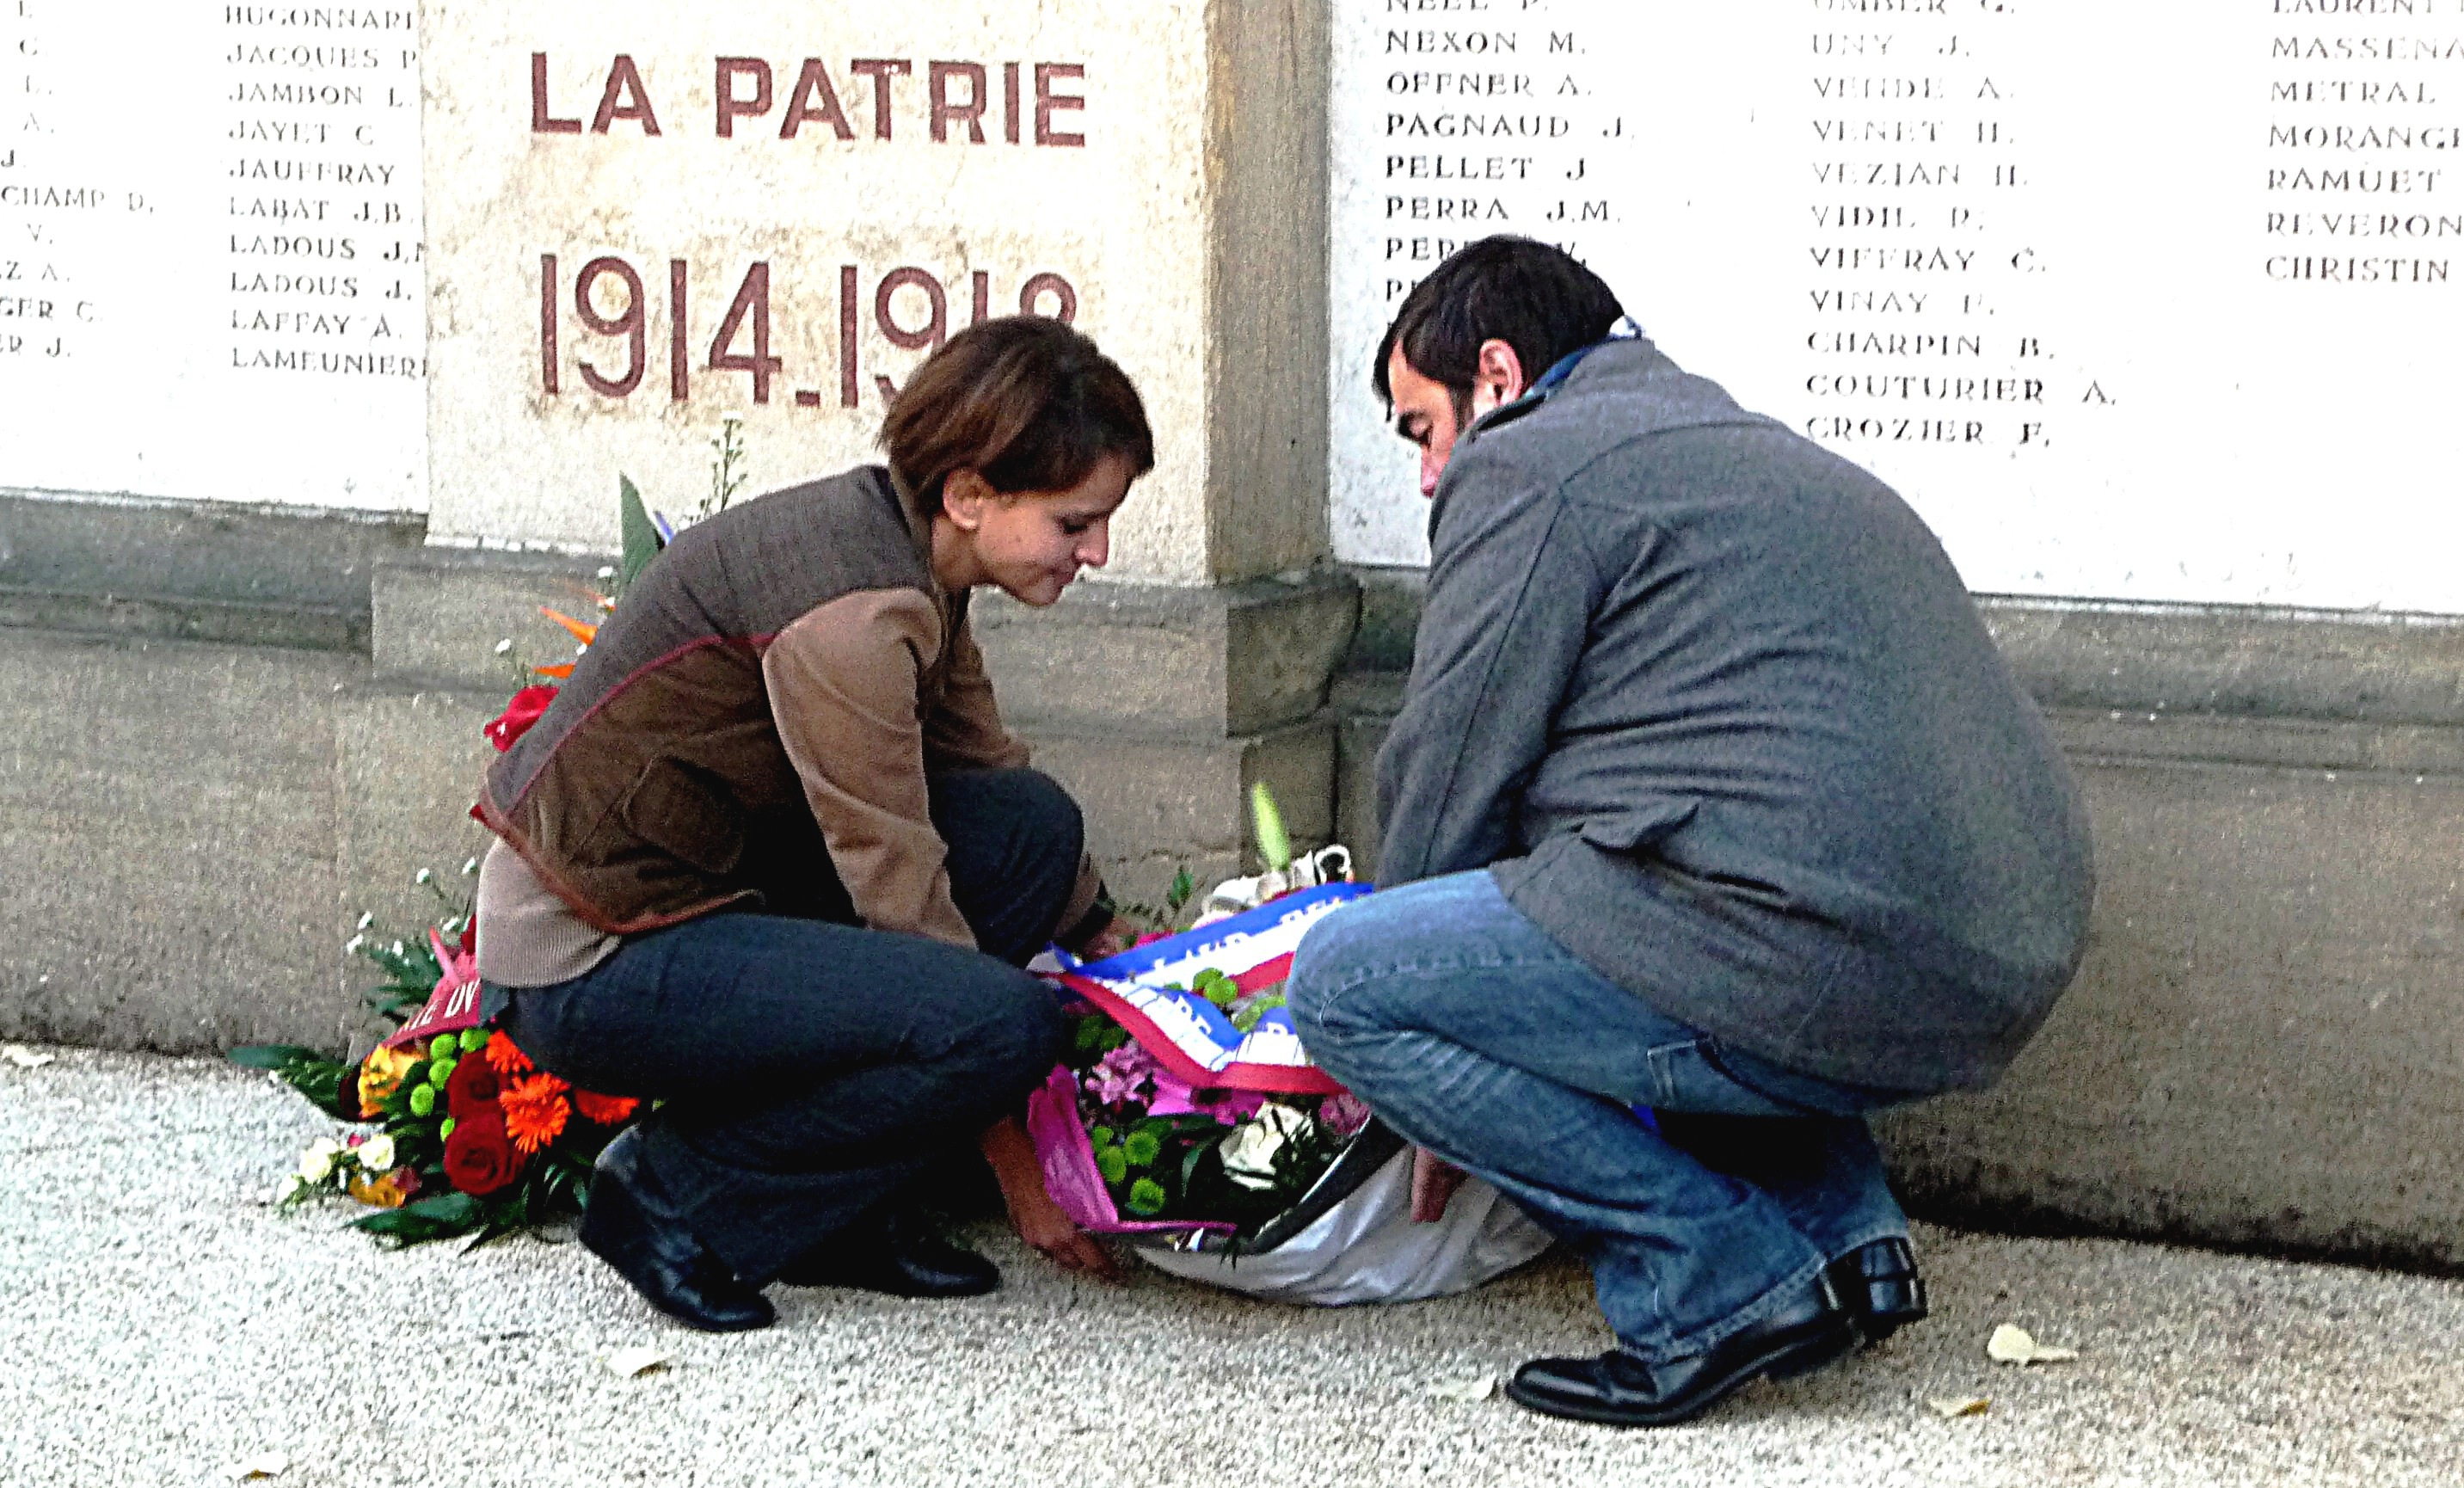 11 novembre 2011 Montchat